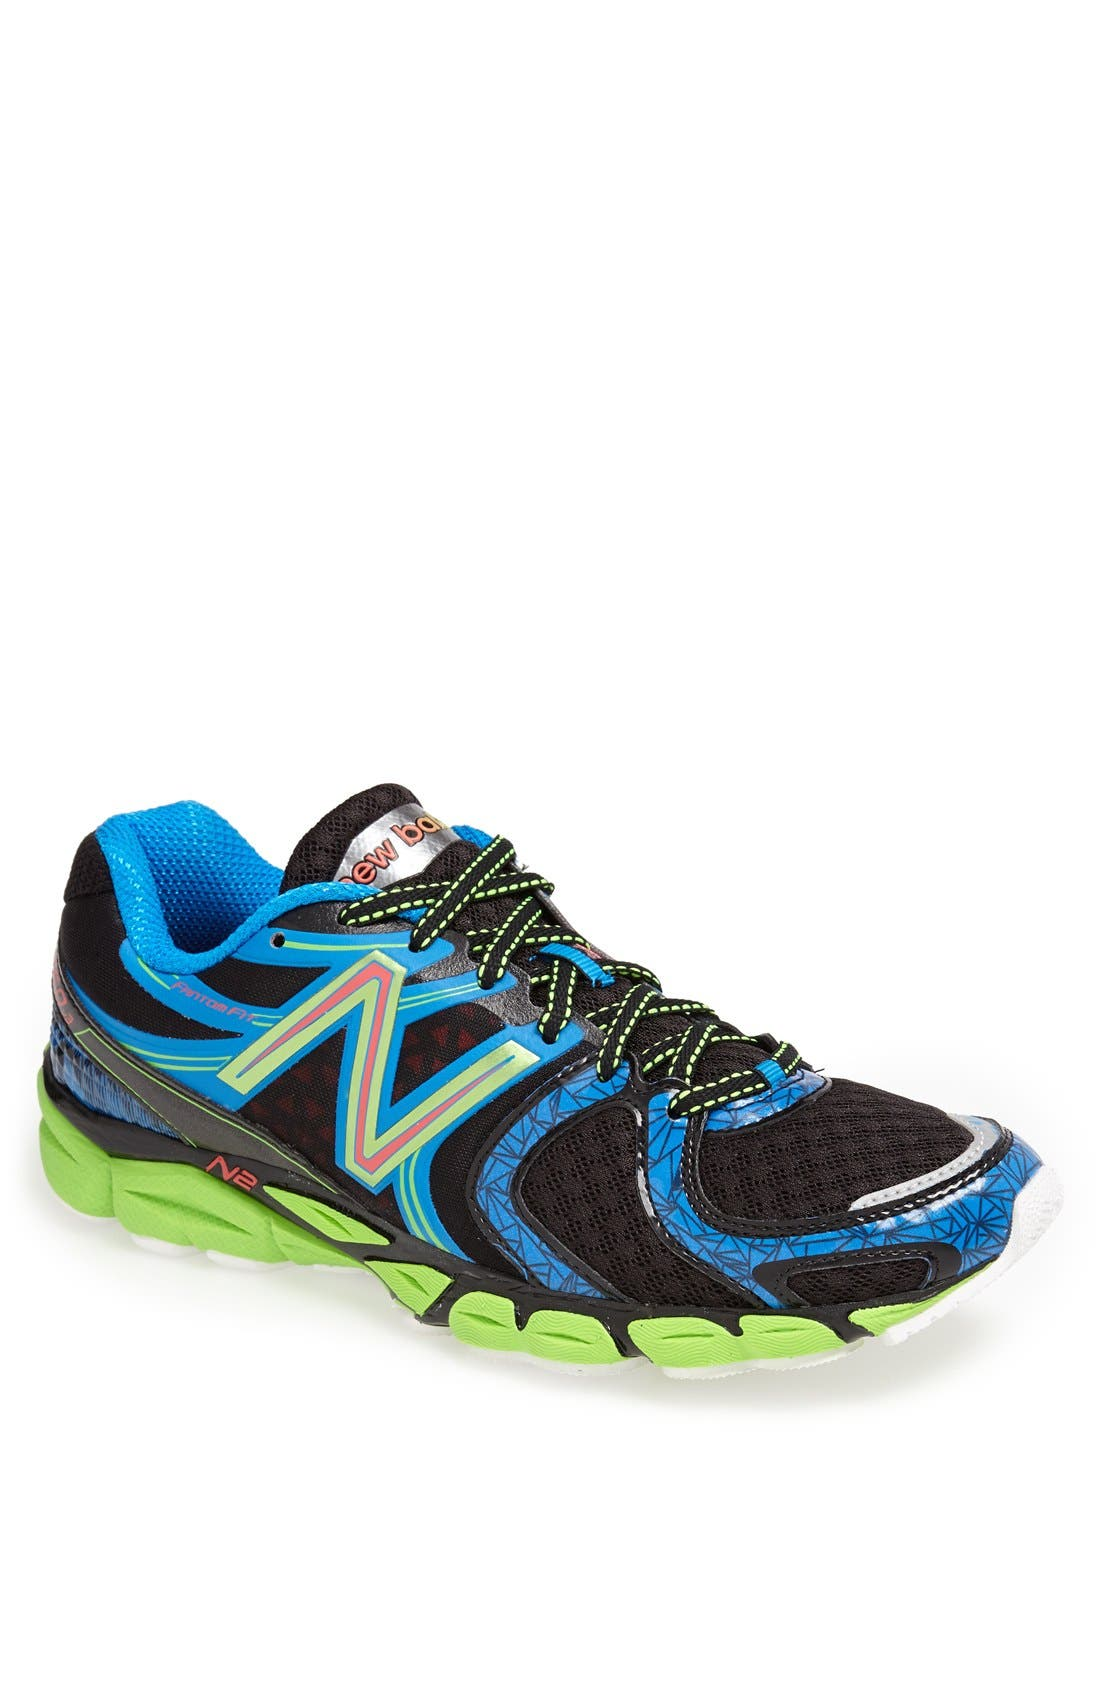 Alternate Image 1 Selected - New Balance '1260v3' Running Shoe (Men)